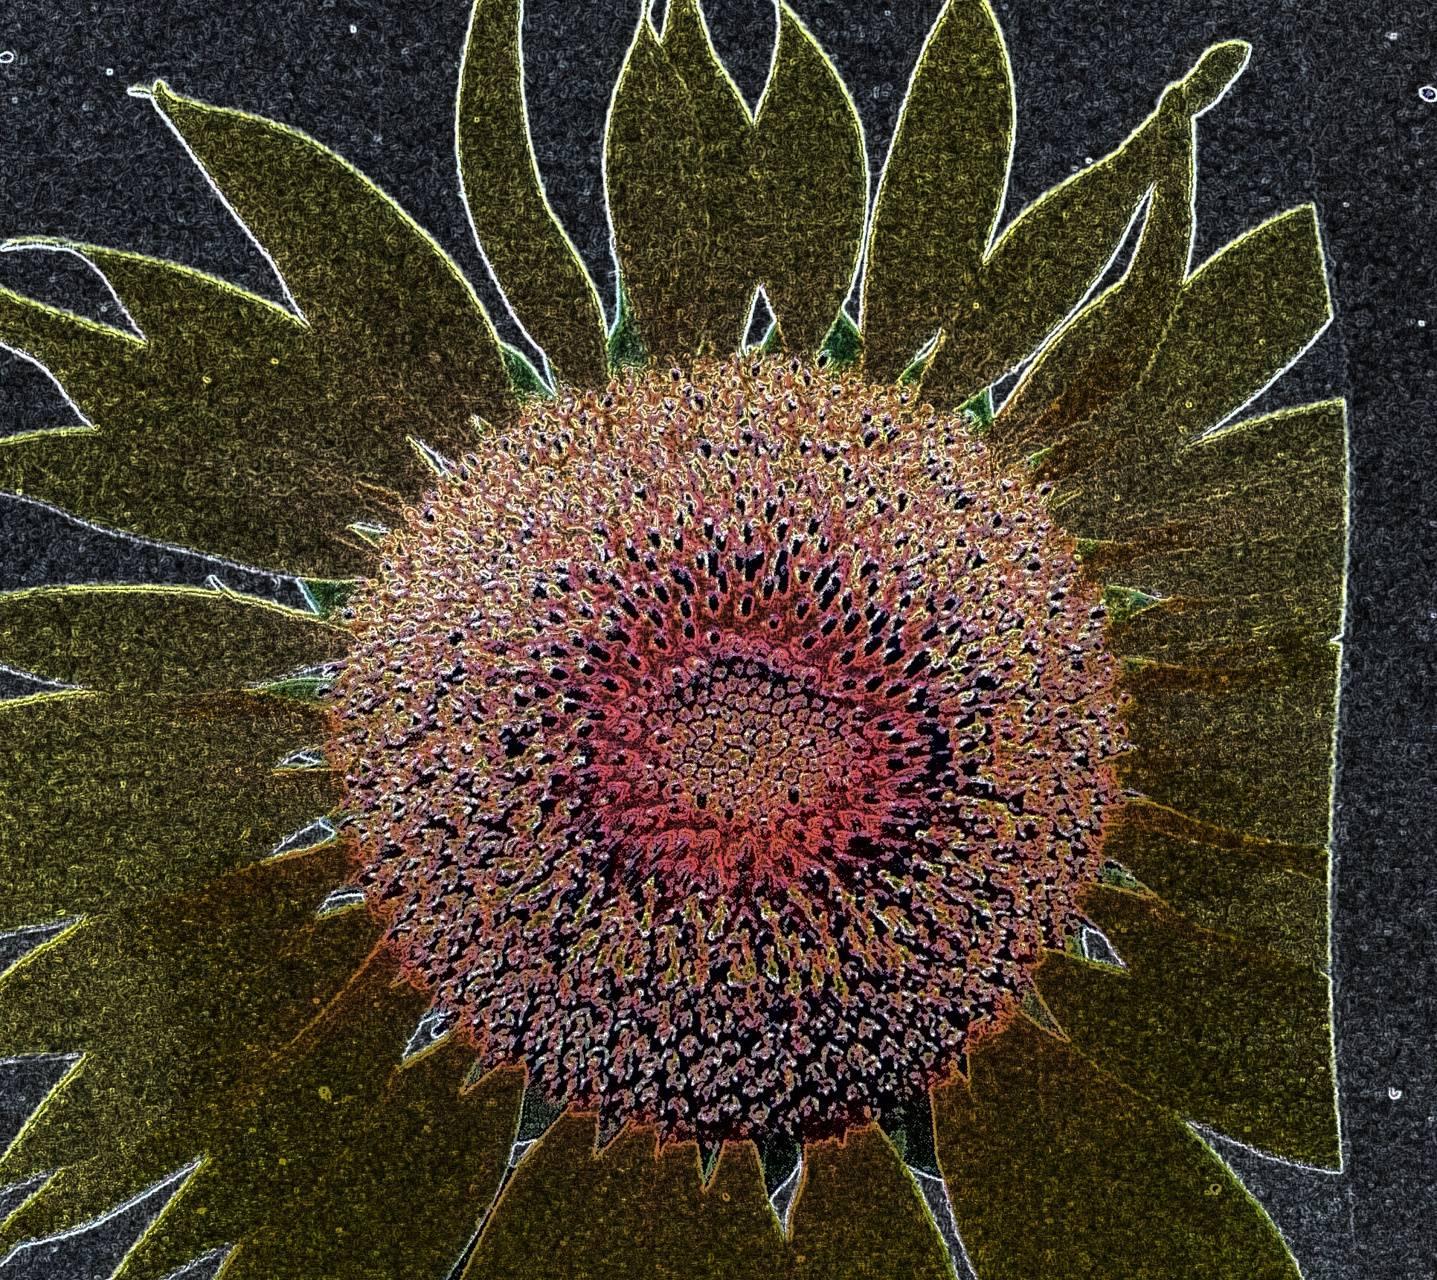 Sunflower neon